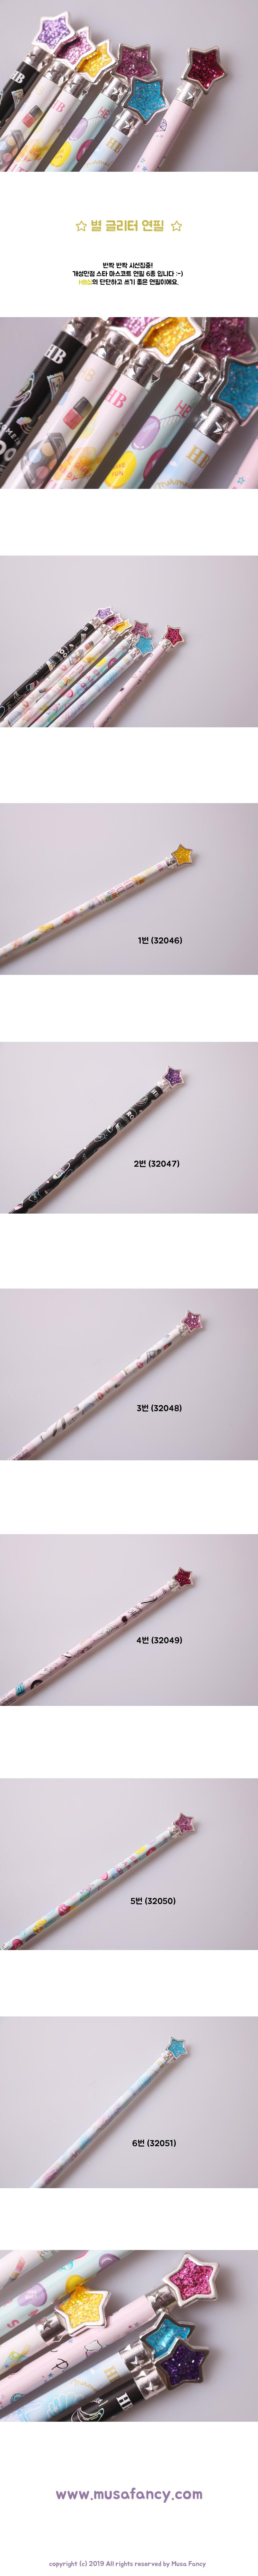 별글리터연필1,500원-마사팬시디자인문구, 필기류, 연필, 베이직연필바보사랑별글리터연필1,500원-마사팬시디자인문구, 필기류, 연필, 베이직연필바보사랑